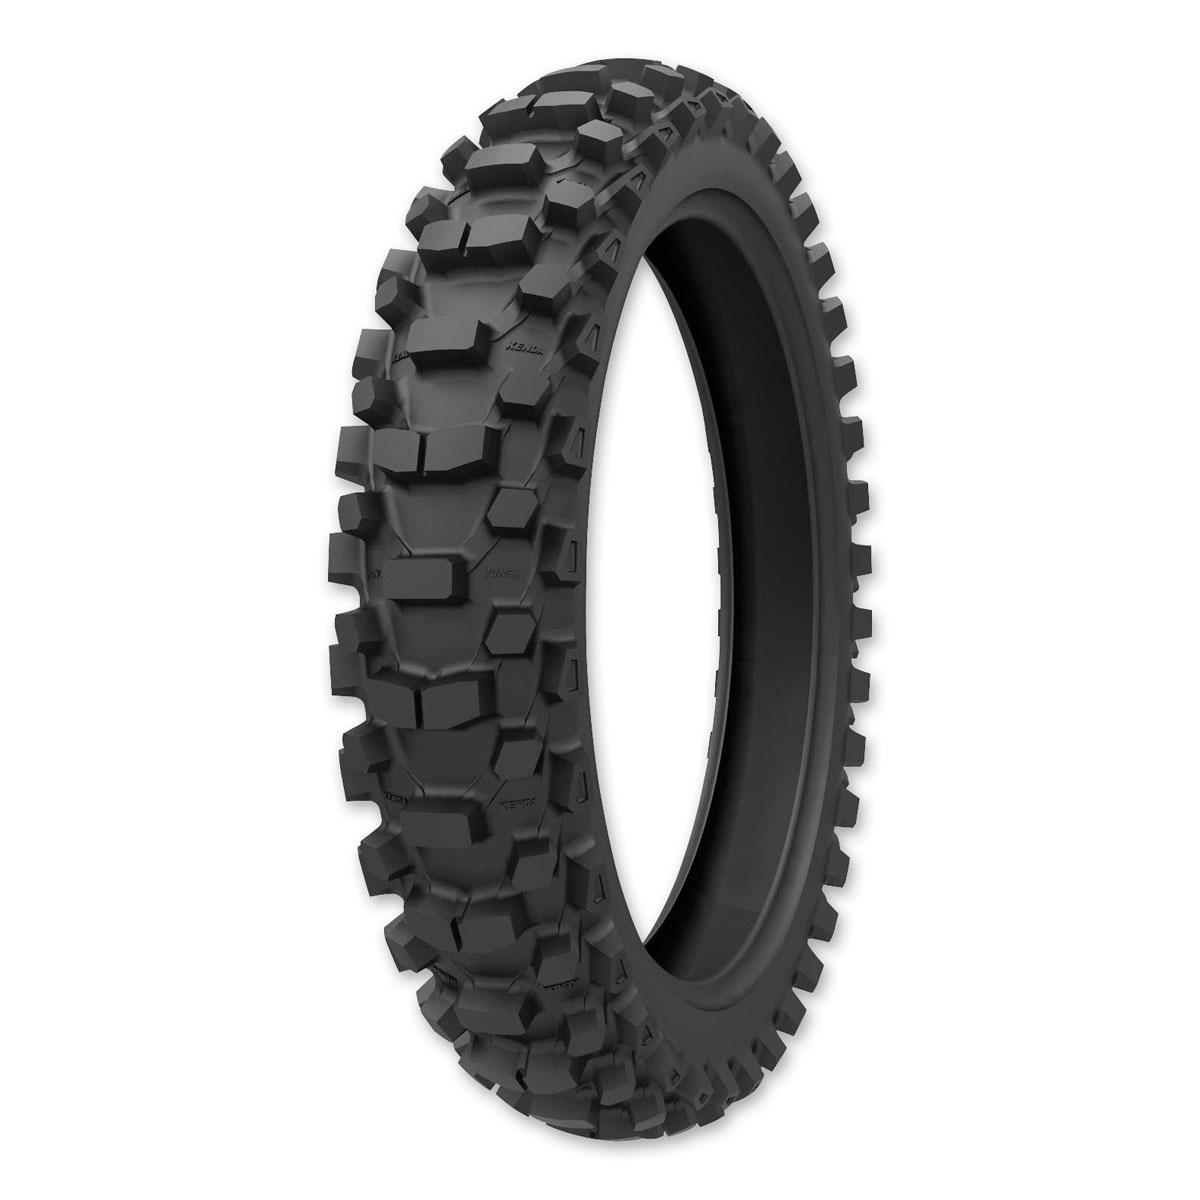 Kenda Tires K785 Millville II 110/100-18 Rear Tire